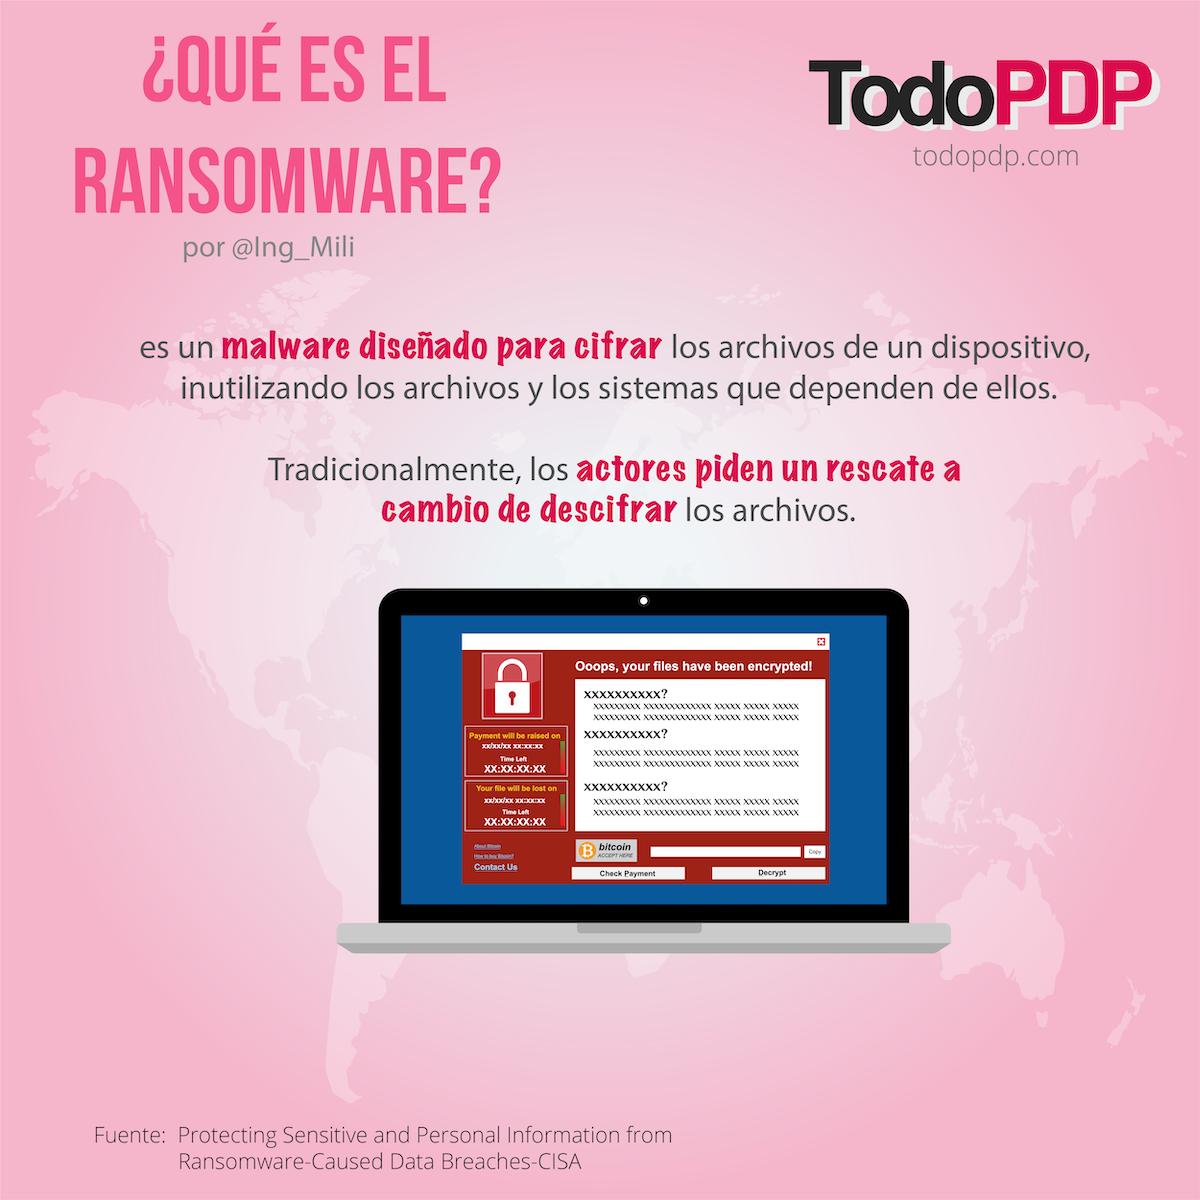 Ransomware y la vulneración de datos personales